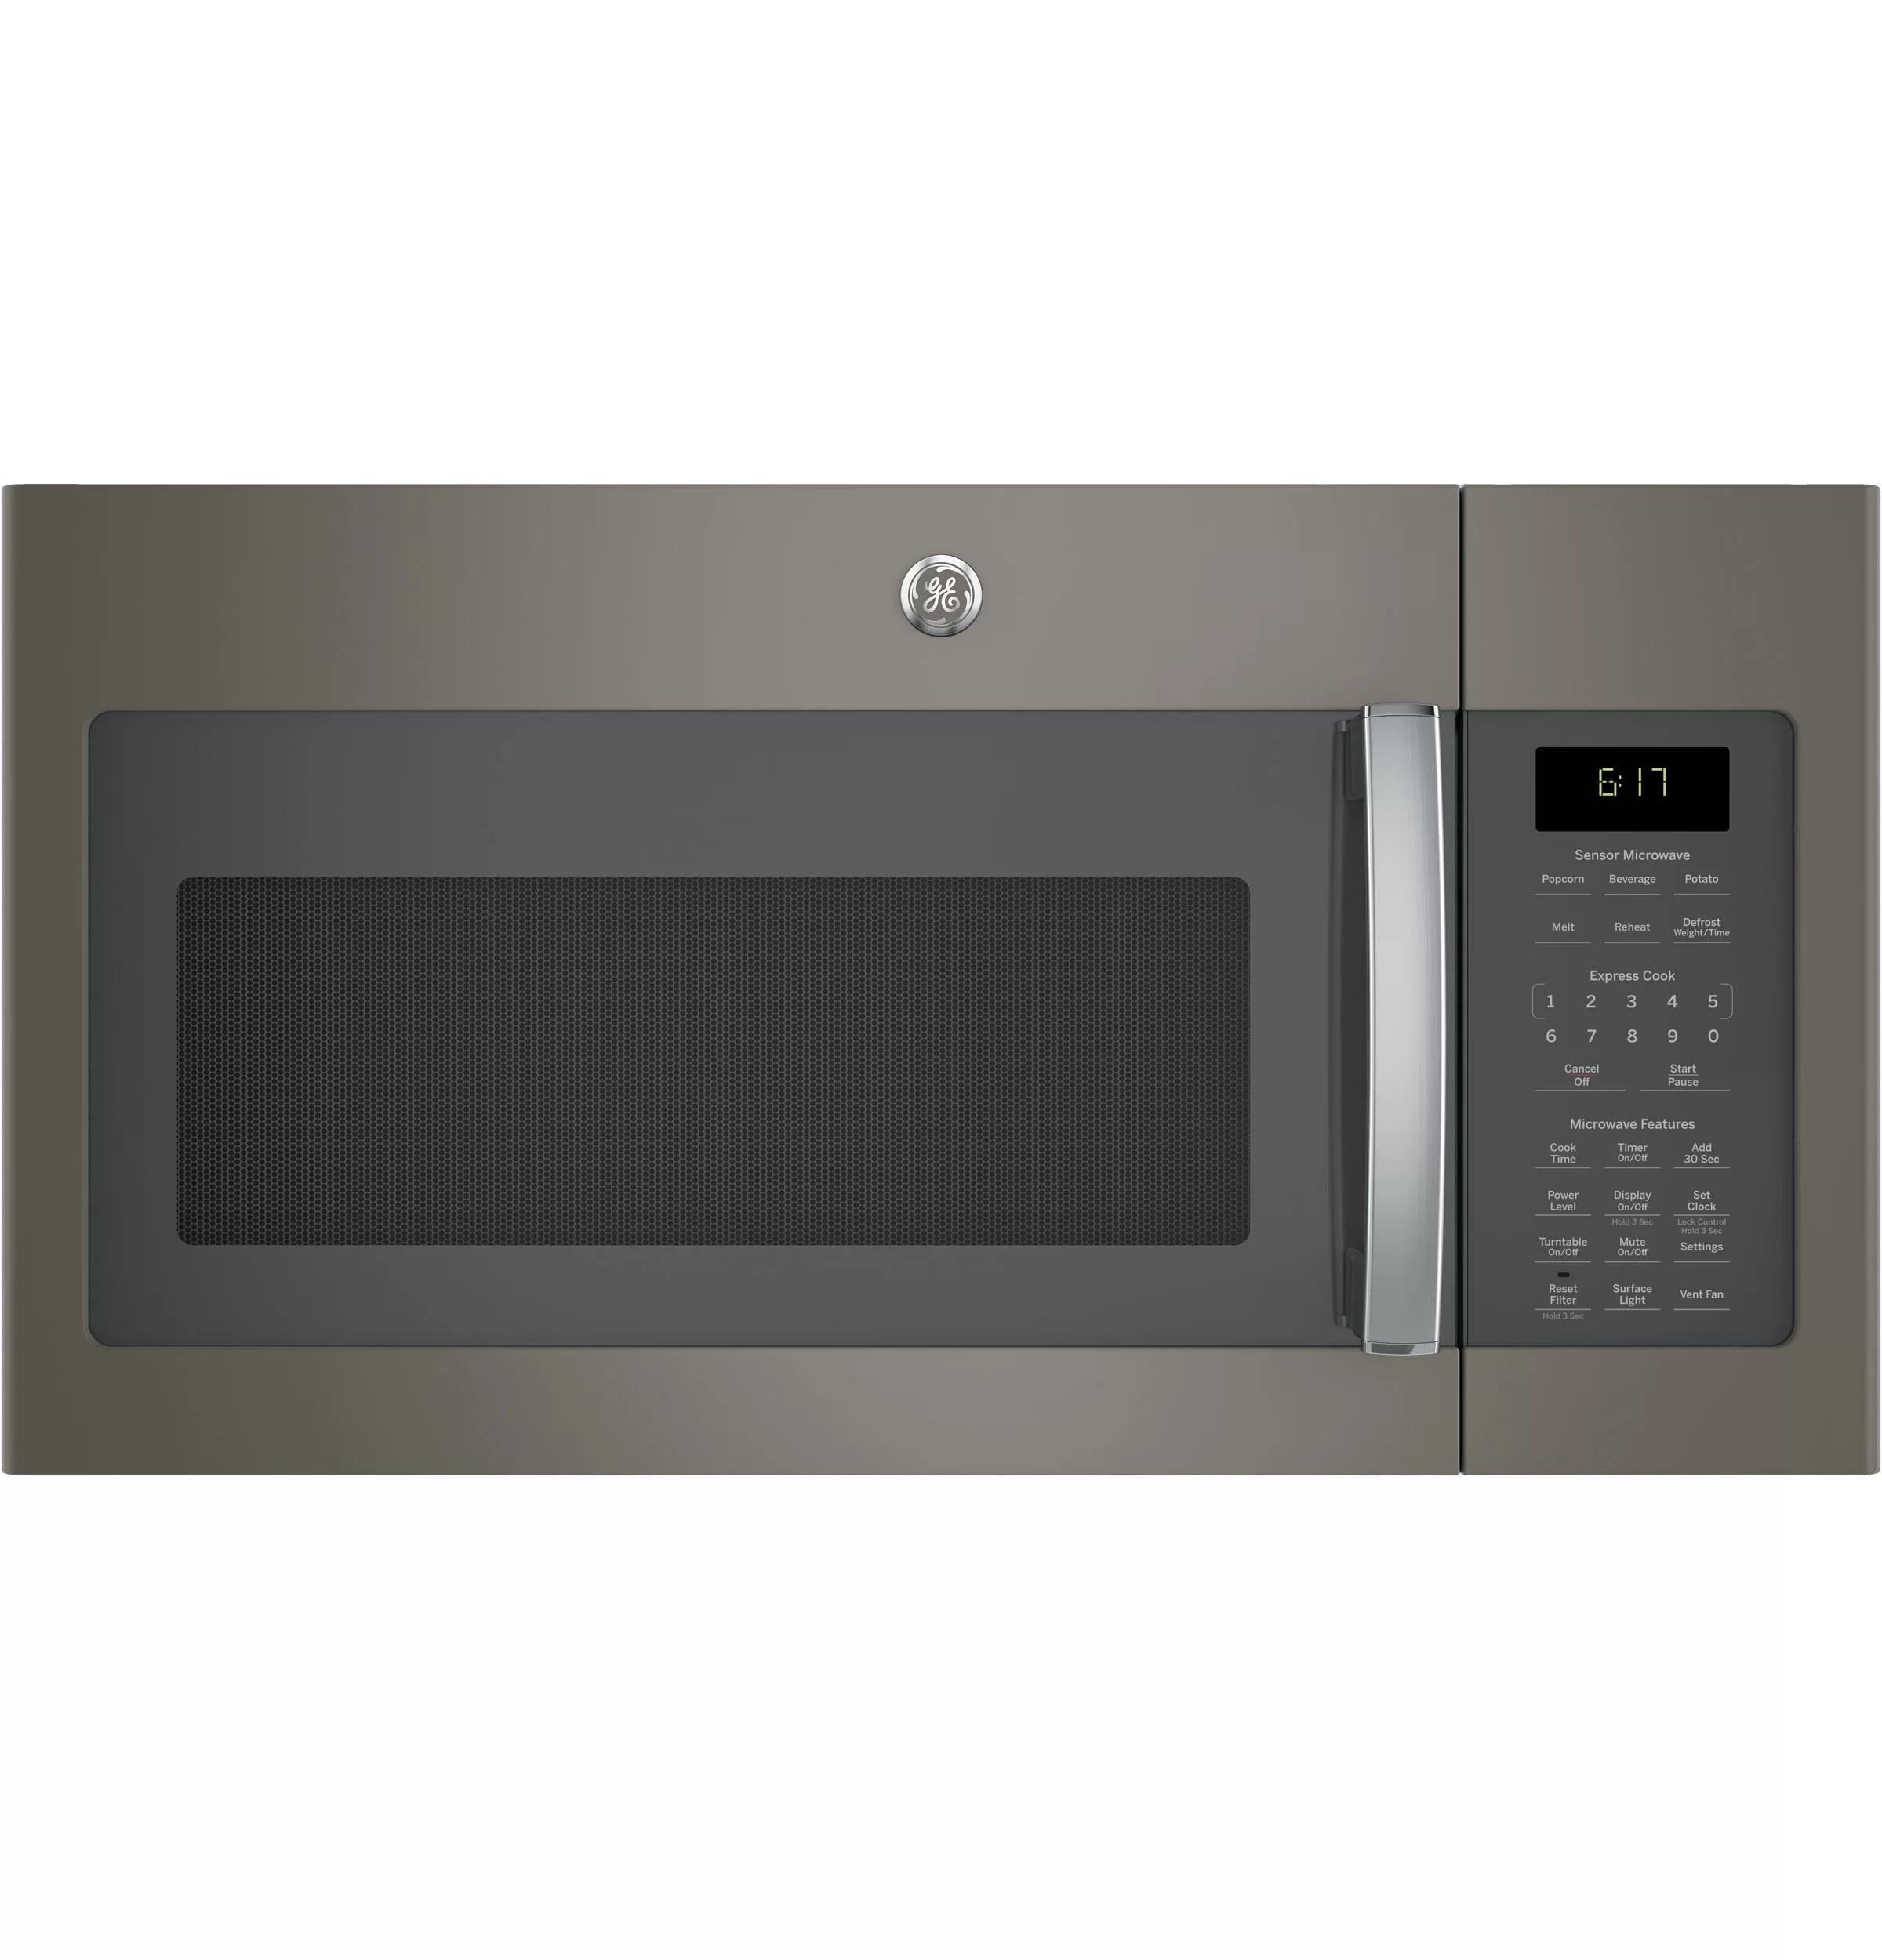 https www assetrak in cu watts overtherange microwave food service equipment supplies 207619